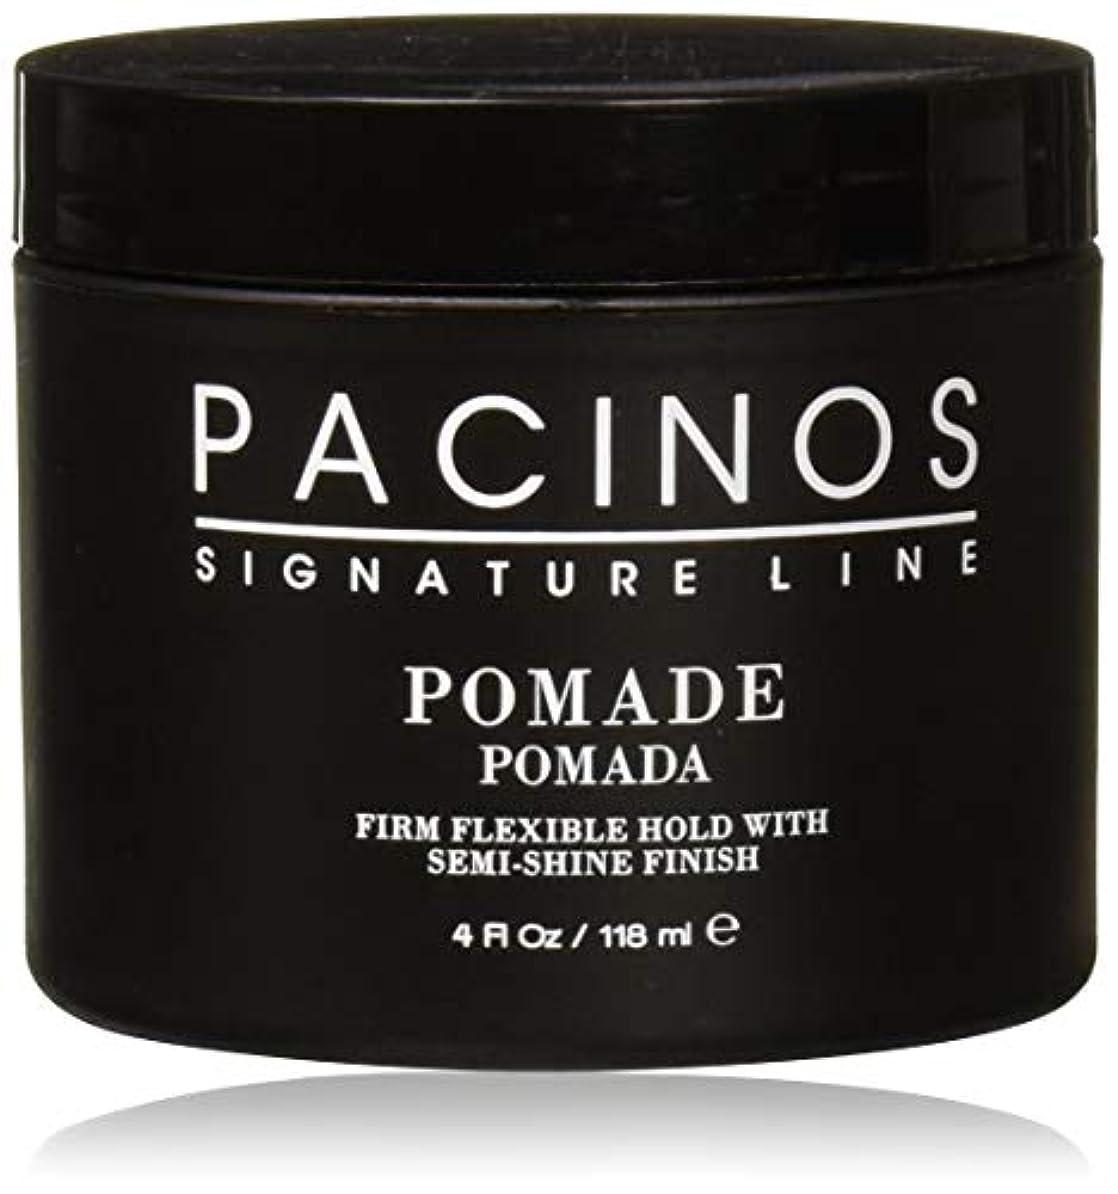 モディッシュ質素なウェイドPacinos Pomade パチーノス?ポマード【日本正規品】4oz(118g)